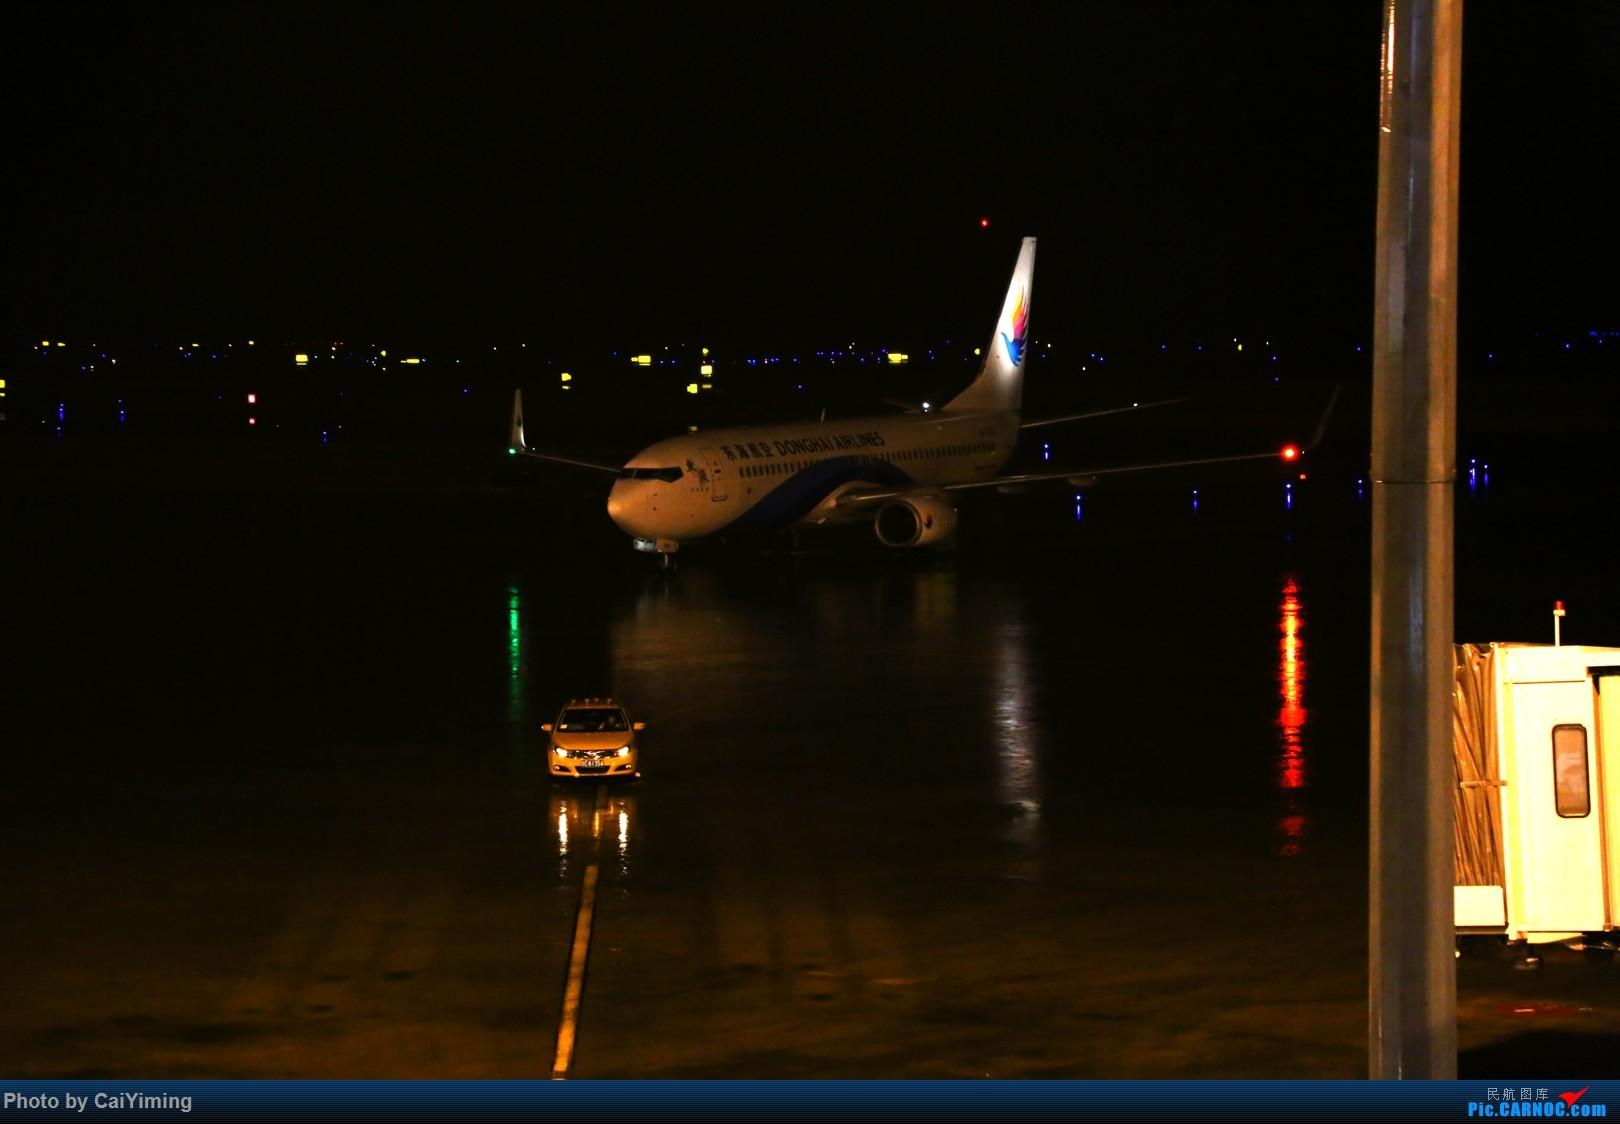 Re:[原创]【人在旅途】成都-浦东-虹桥-西安-南通-成都(3U+MU空客A359体验) BOEING 737-800 B-7630 中国长沙黄花国际机场